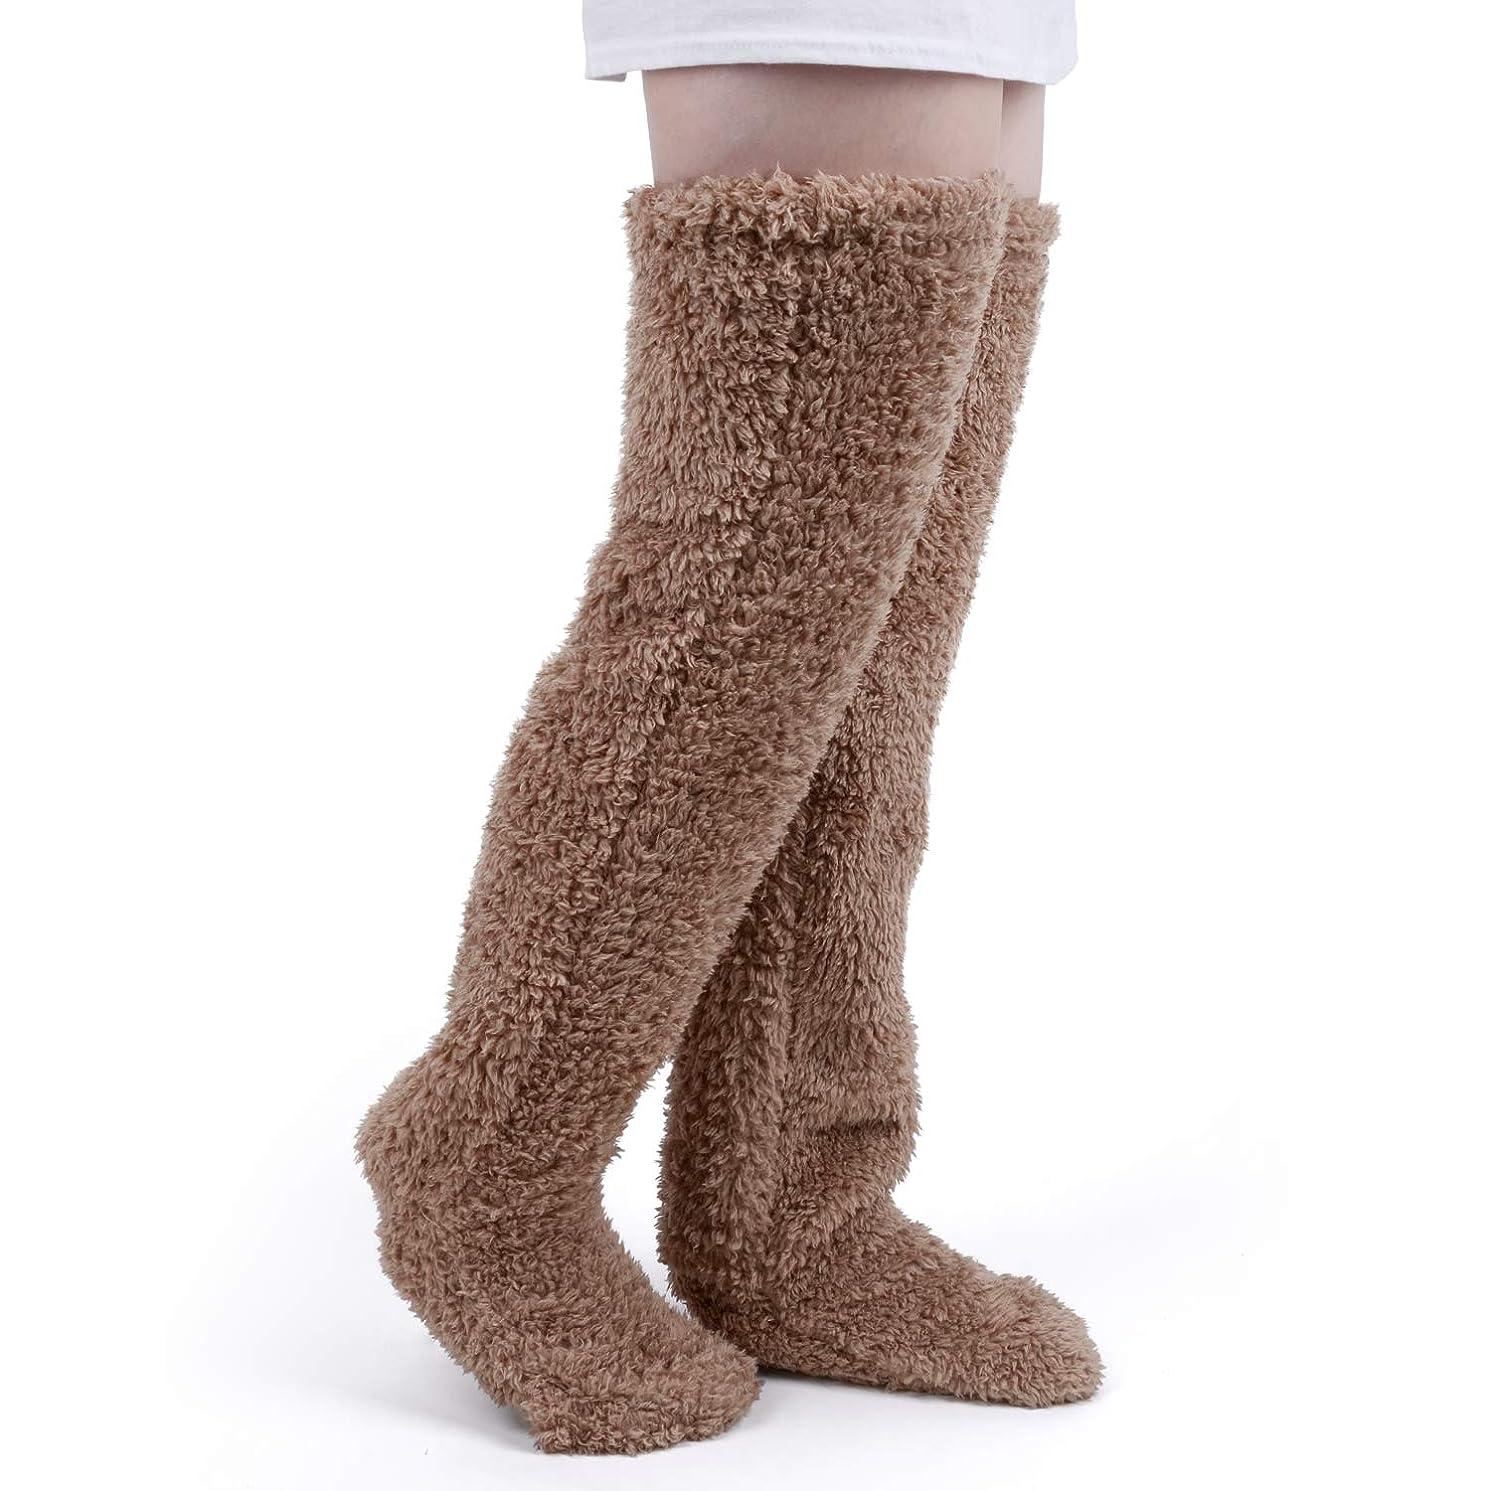 遷移レース保険をかける極暖 足が出せるロングカバー HIMETSUYA ルームシューズ ルームソックス あったかグッズ ロングカバー 冷え性 靴下 ソックス 足の大きさ23~26.5cmまで (茶褐色)